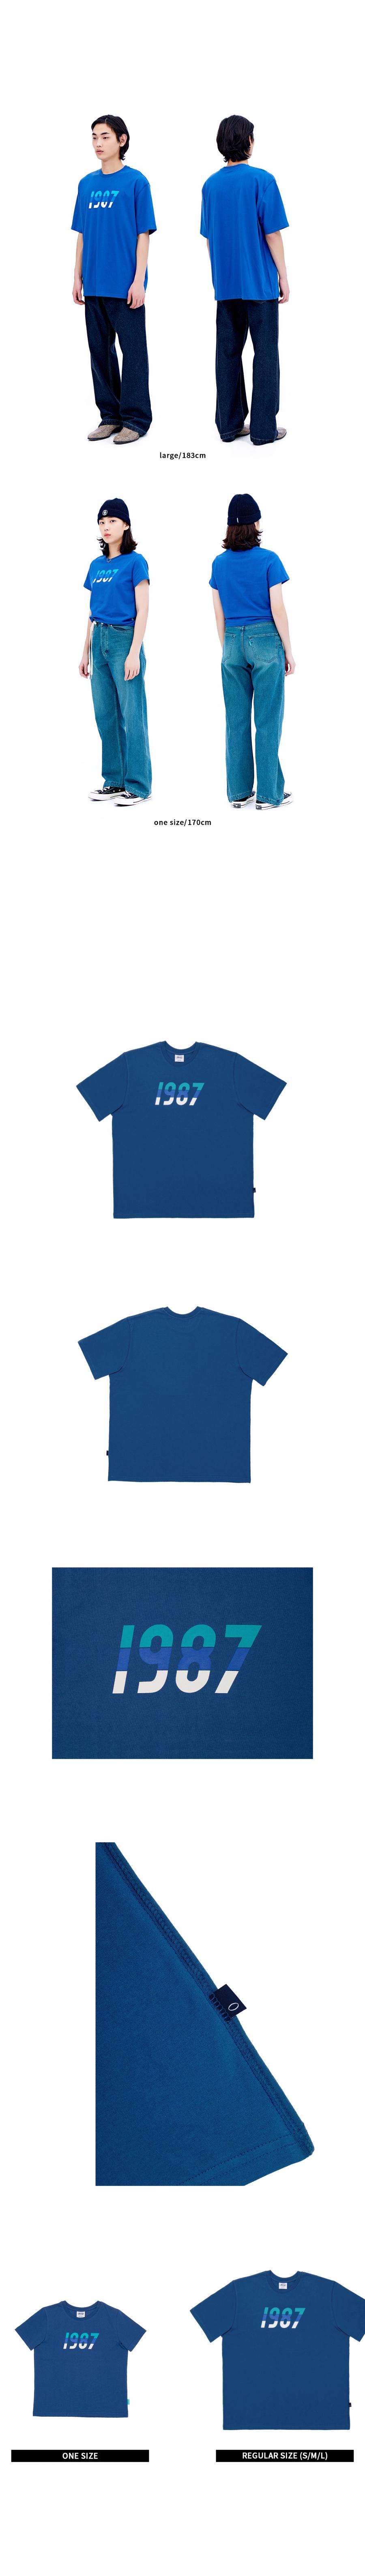 팔칠엠엠(87MM) [Mmlg] 1987 HF-T (BLUE)